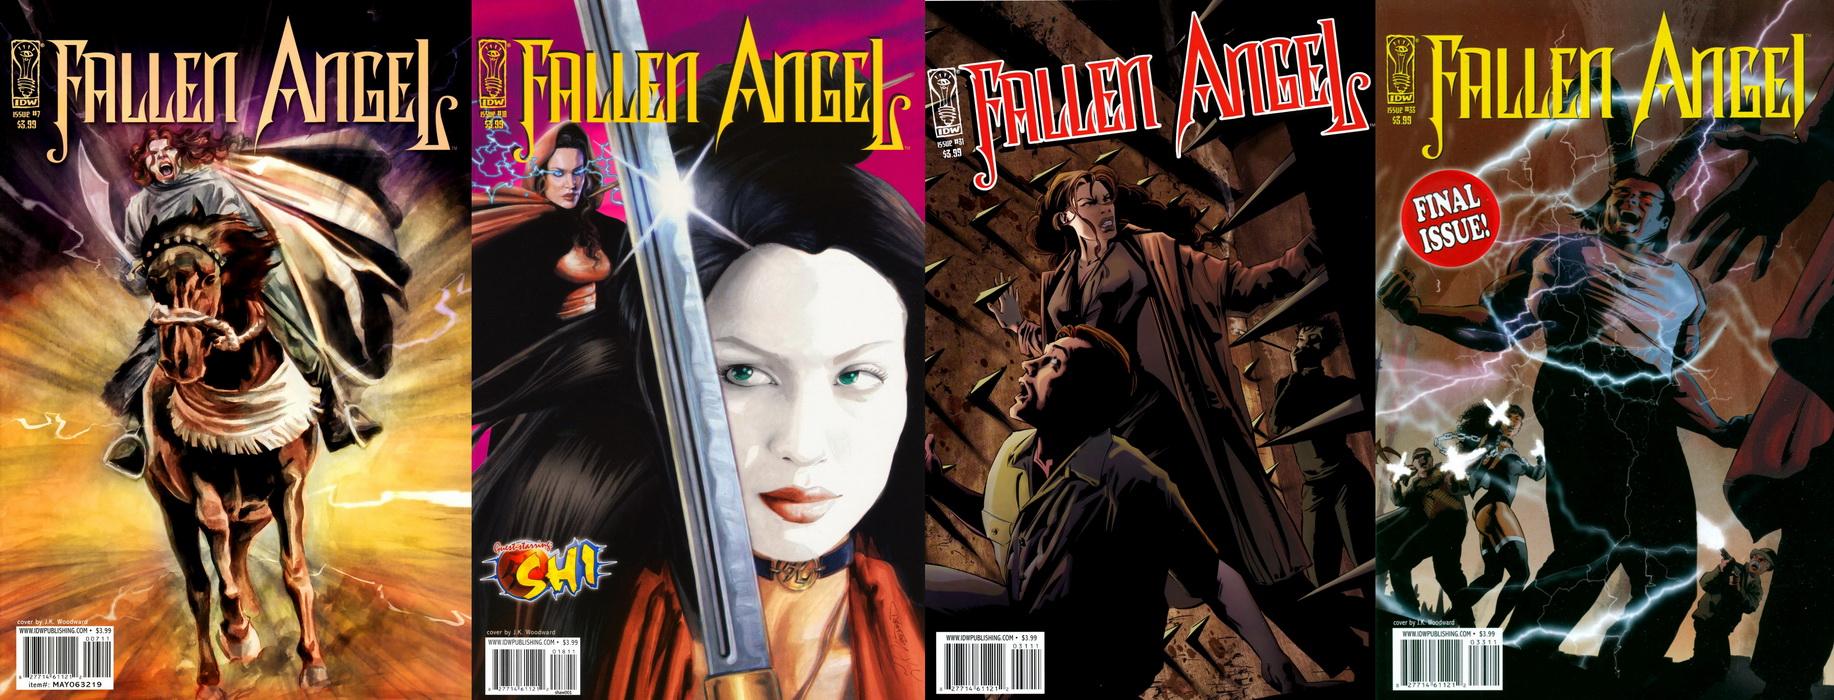 Fallen Angel Vol2 ( 1 - 33 ) Complete